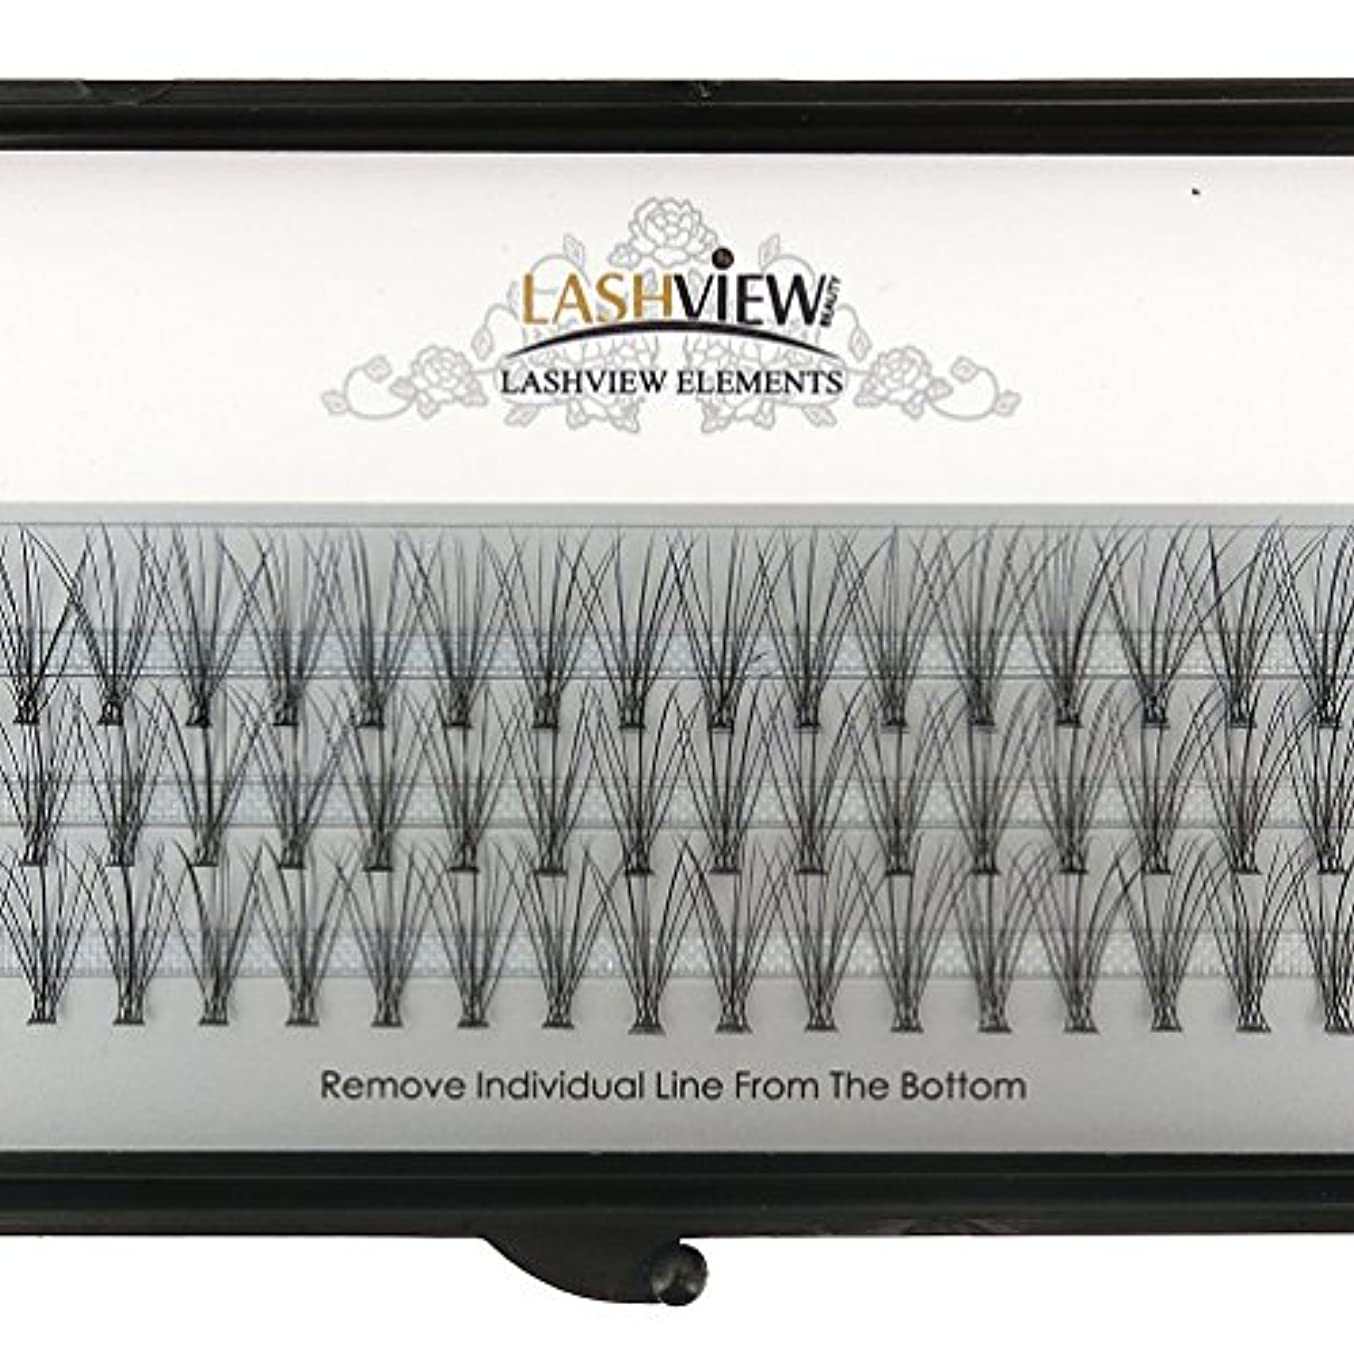 夕方レプリカ説明的LASHVIEW 高品質まつげエクステフレア セルフ用 超極細素材 太さ0.07mm 12mm Cカール マツエク10本束